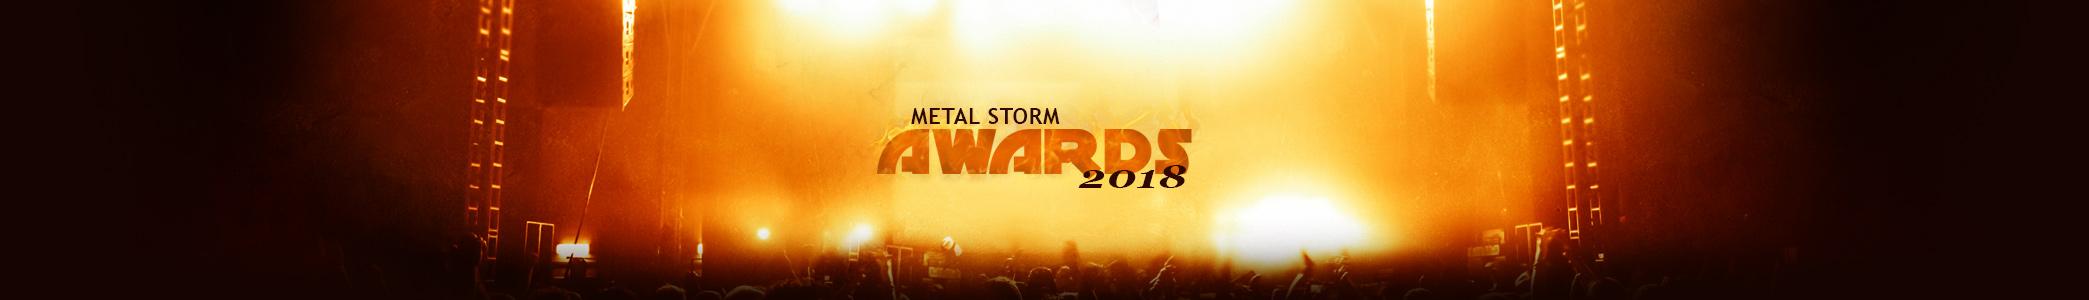 Metal Storm Awards 2018 - Metal Storm